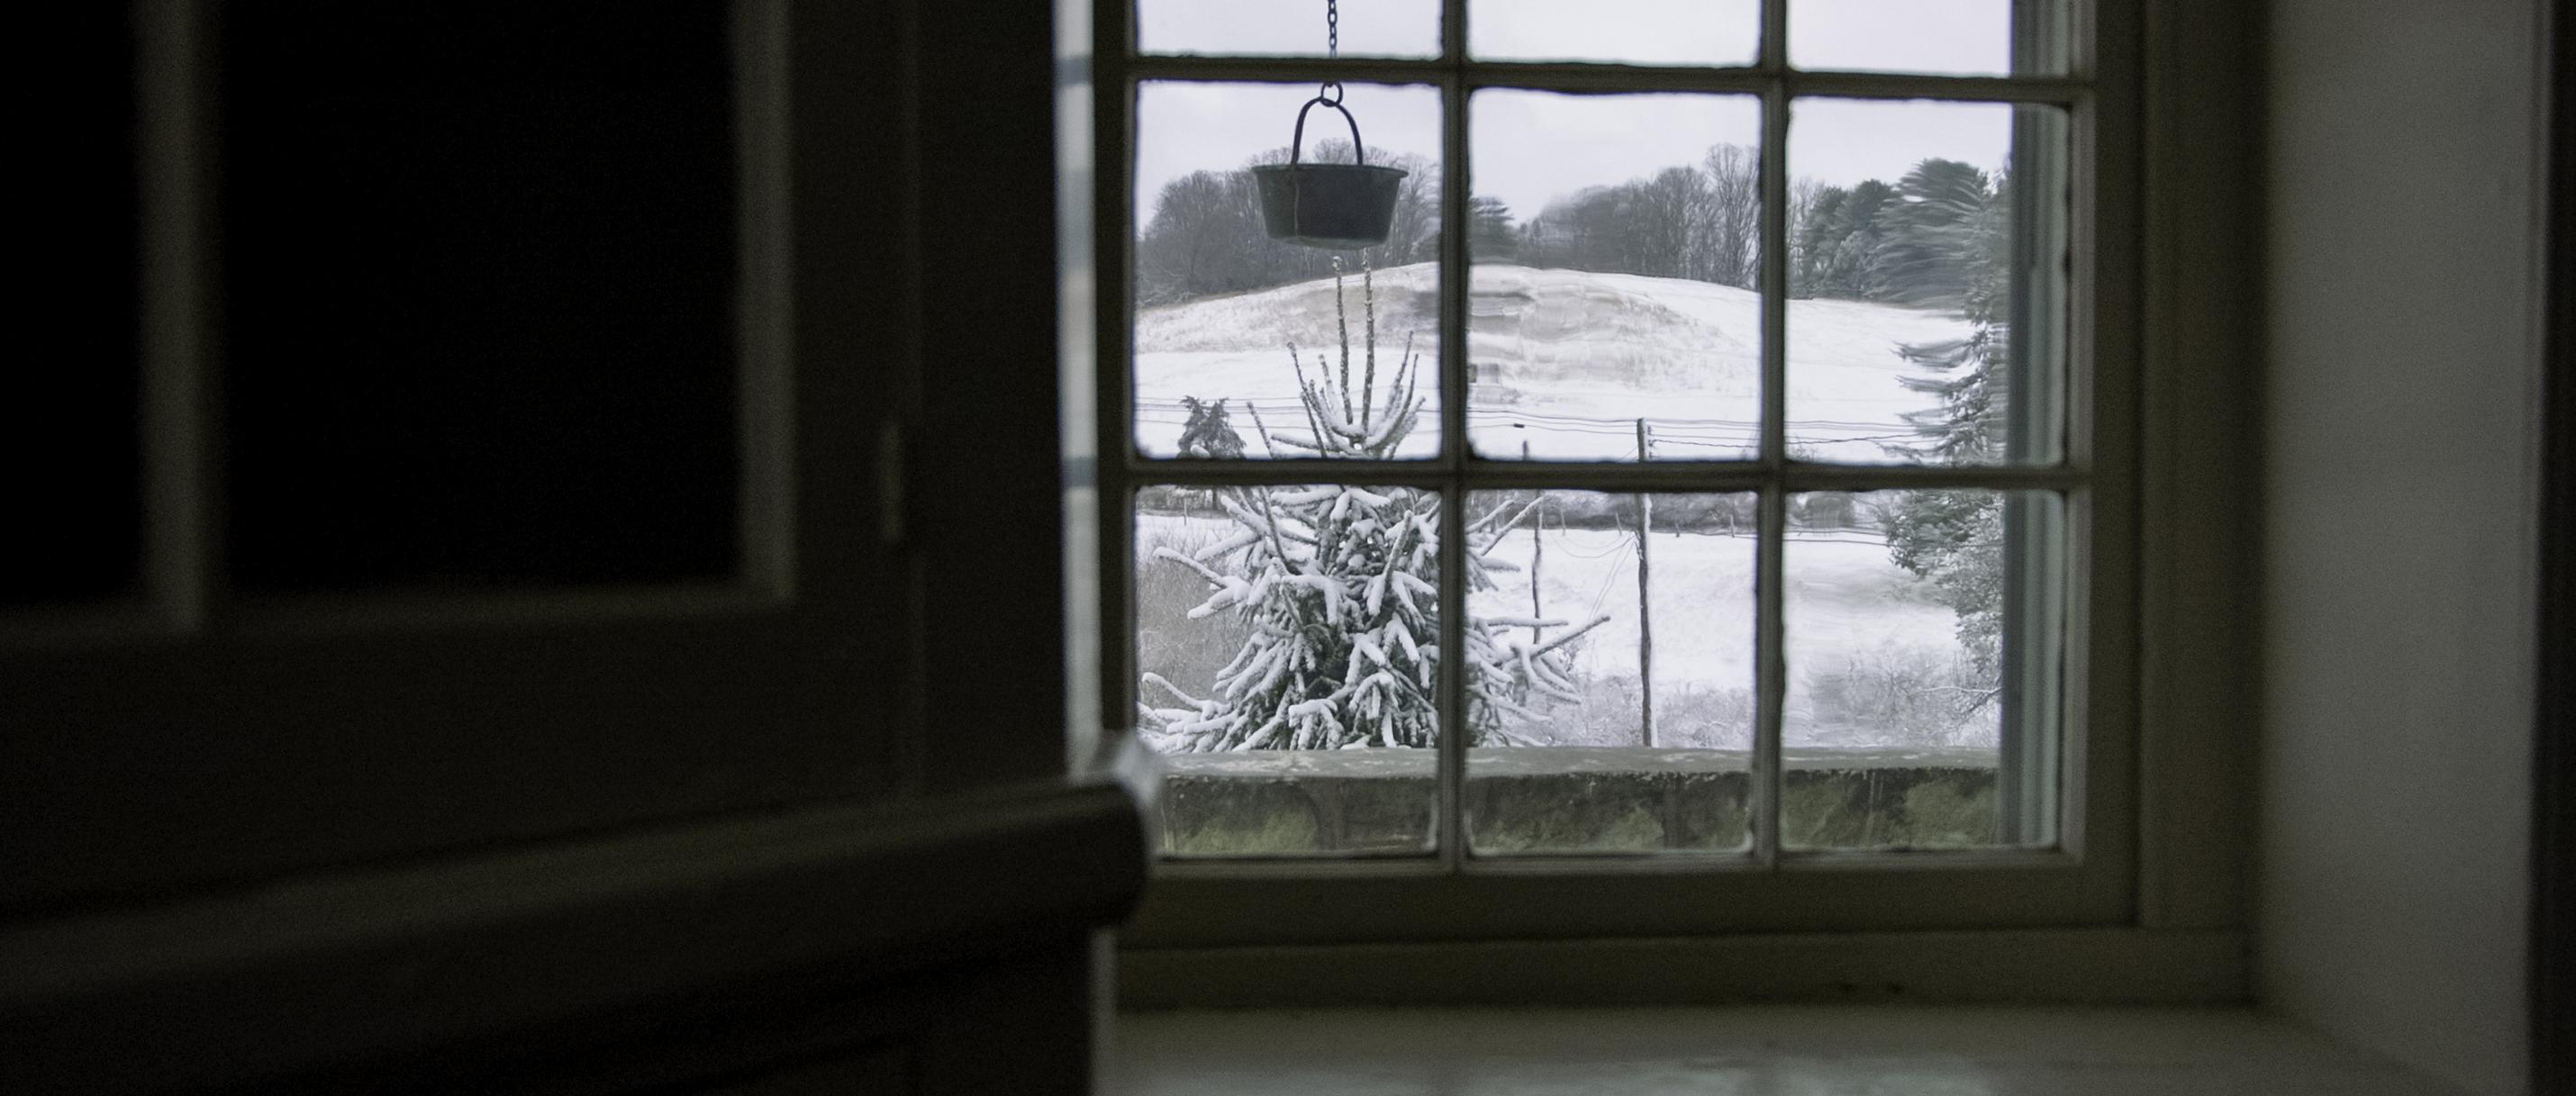 Wyeth (2018)